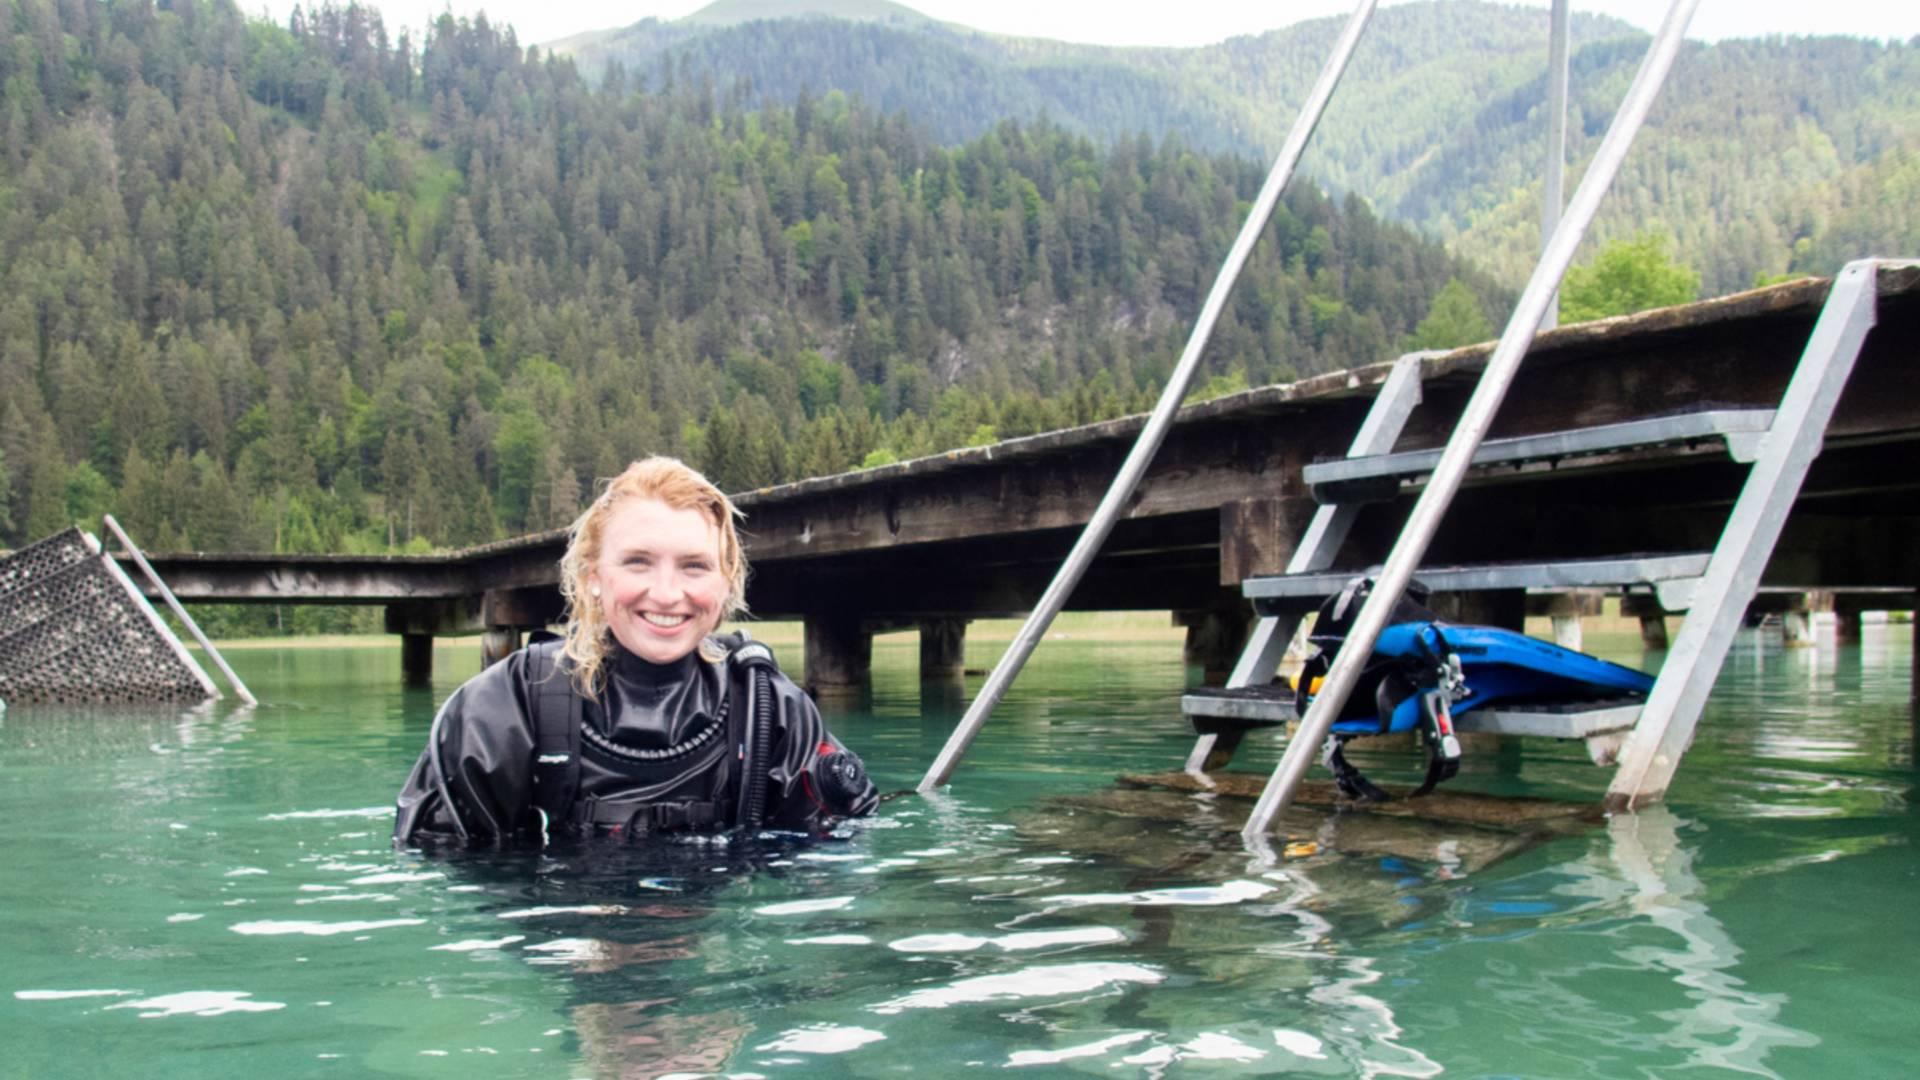 Tauchen im Ossiacher See, Viktoria Urbanek